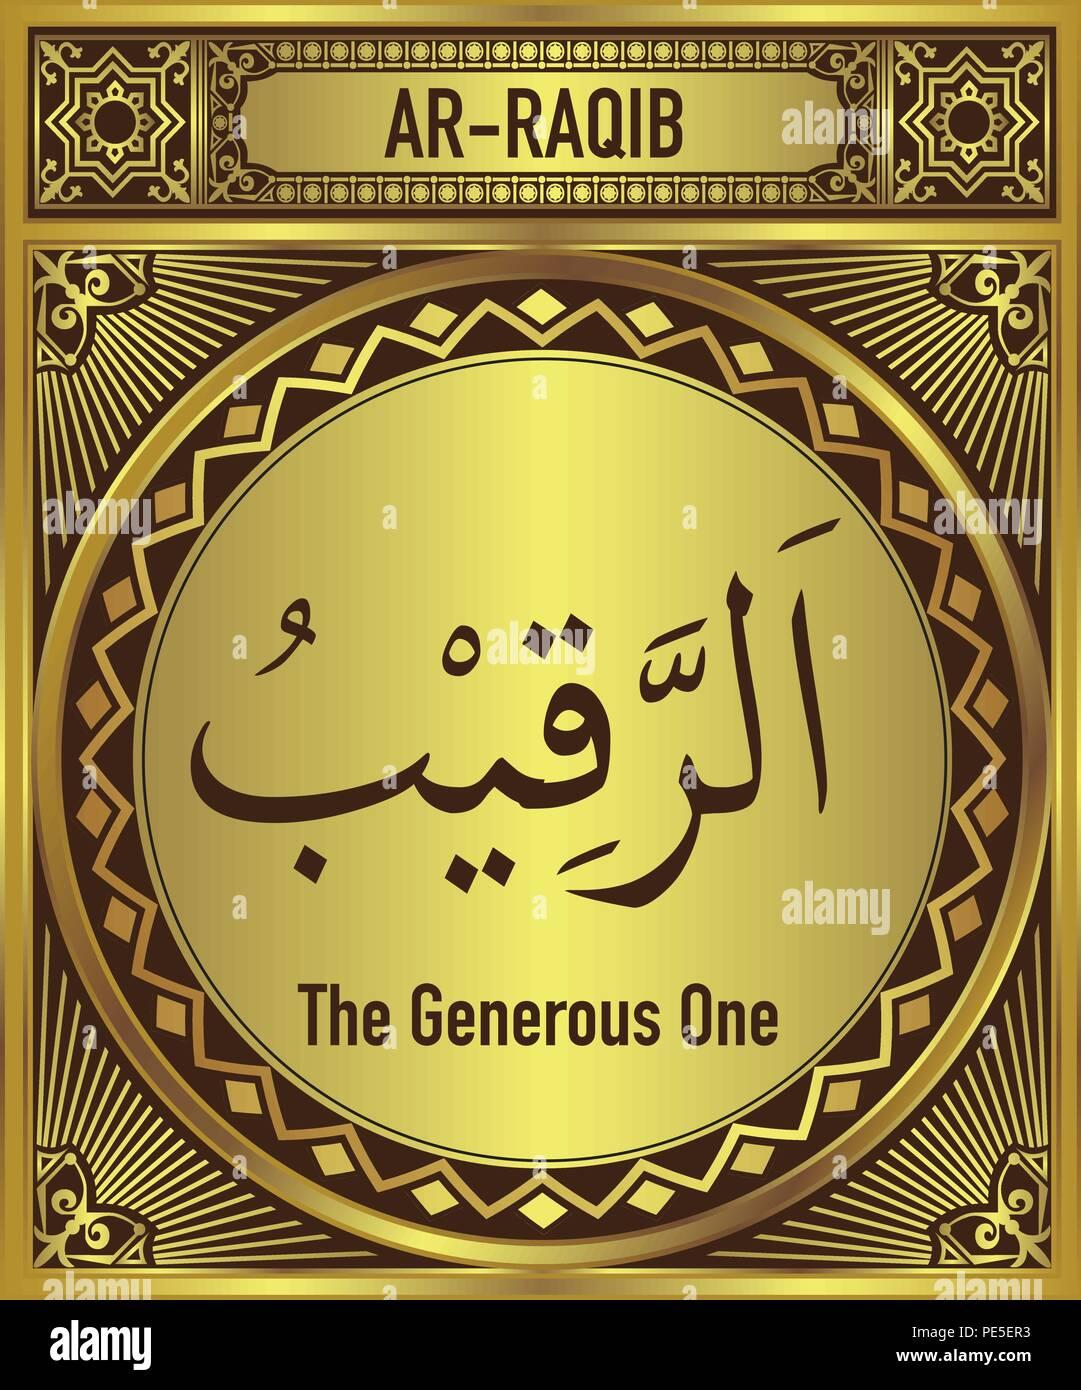 99 hermosos nombres de Allah English Translate debajo de la Caligrafía Árabe Imagen De Stock